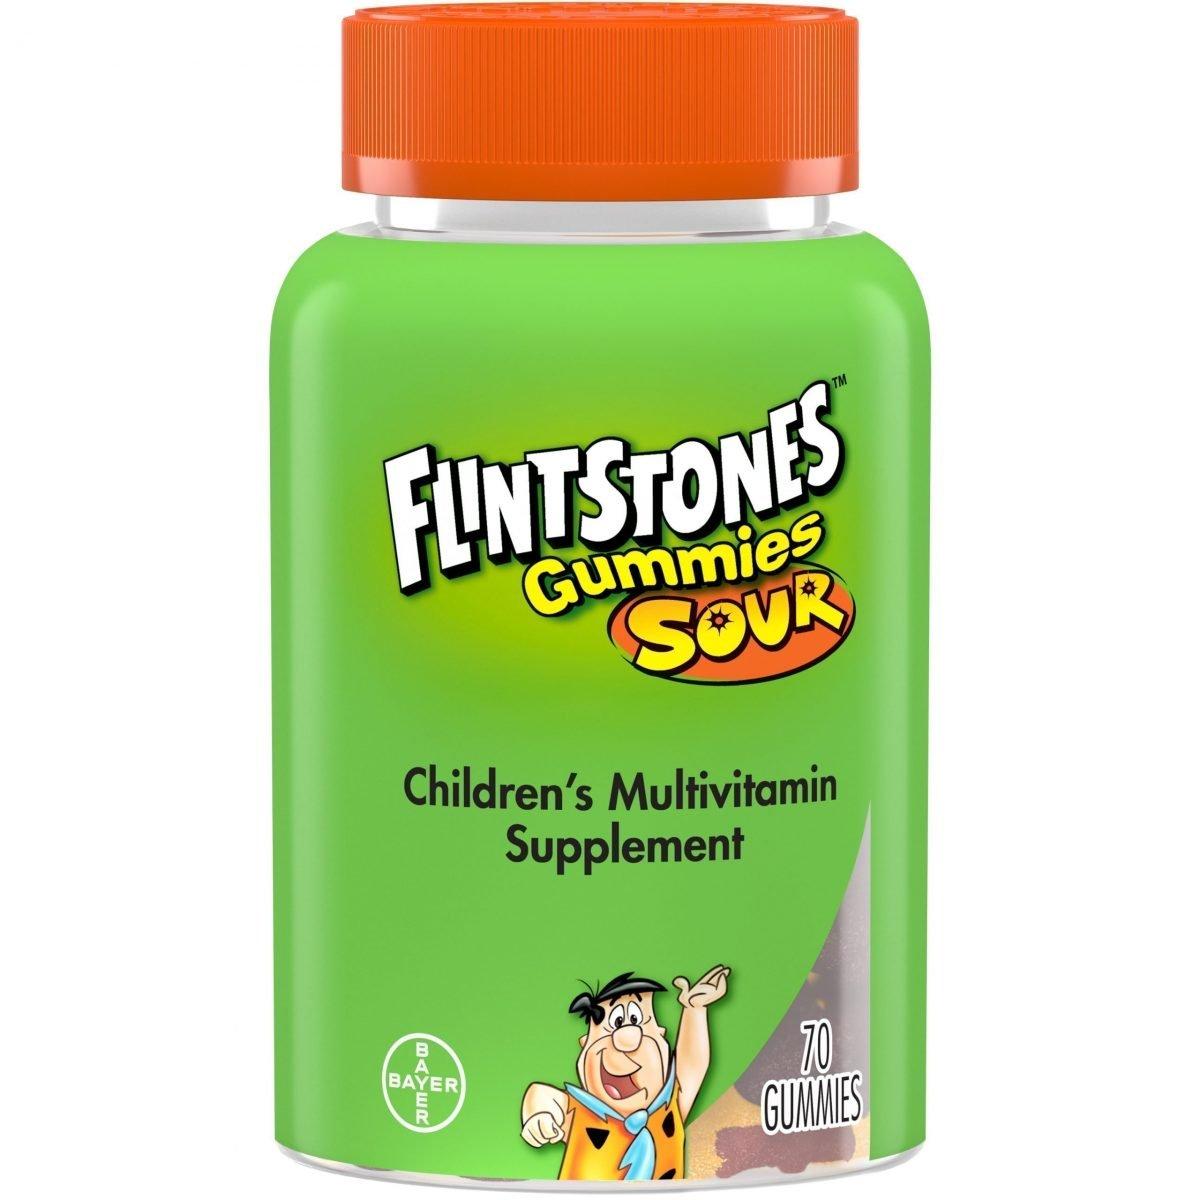 Picapiedra Sour Gummies Vitaminas para niños, Multivitaminas para niños, 70 u